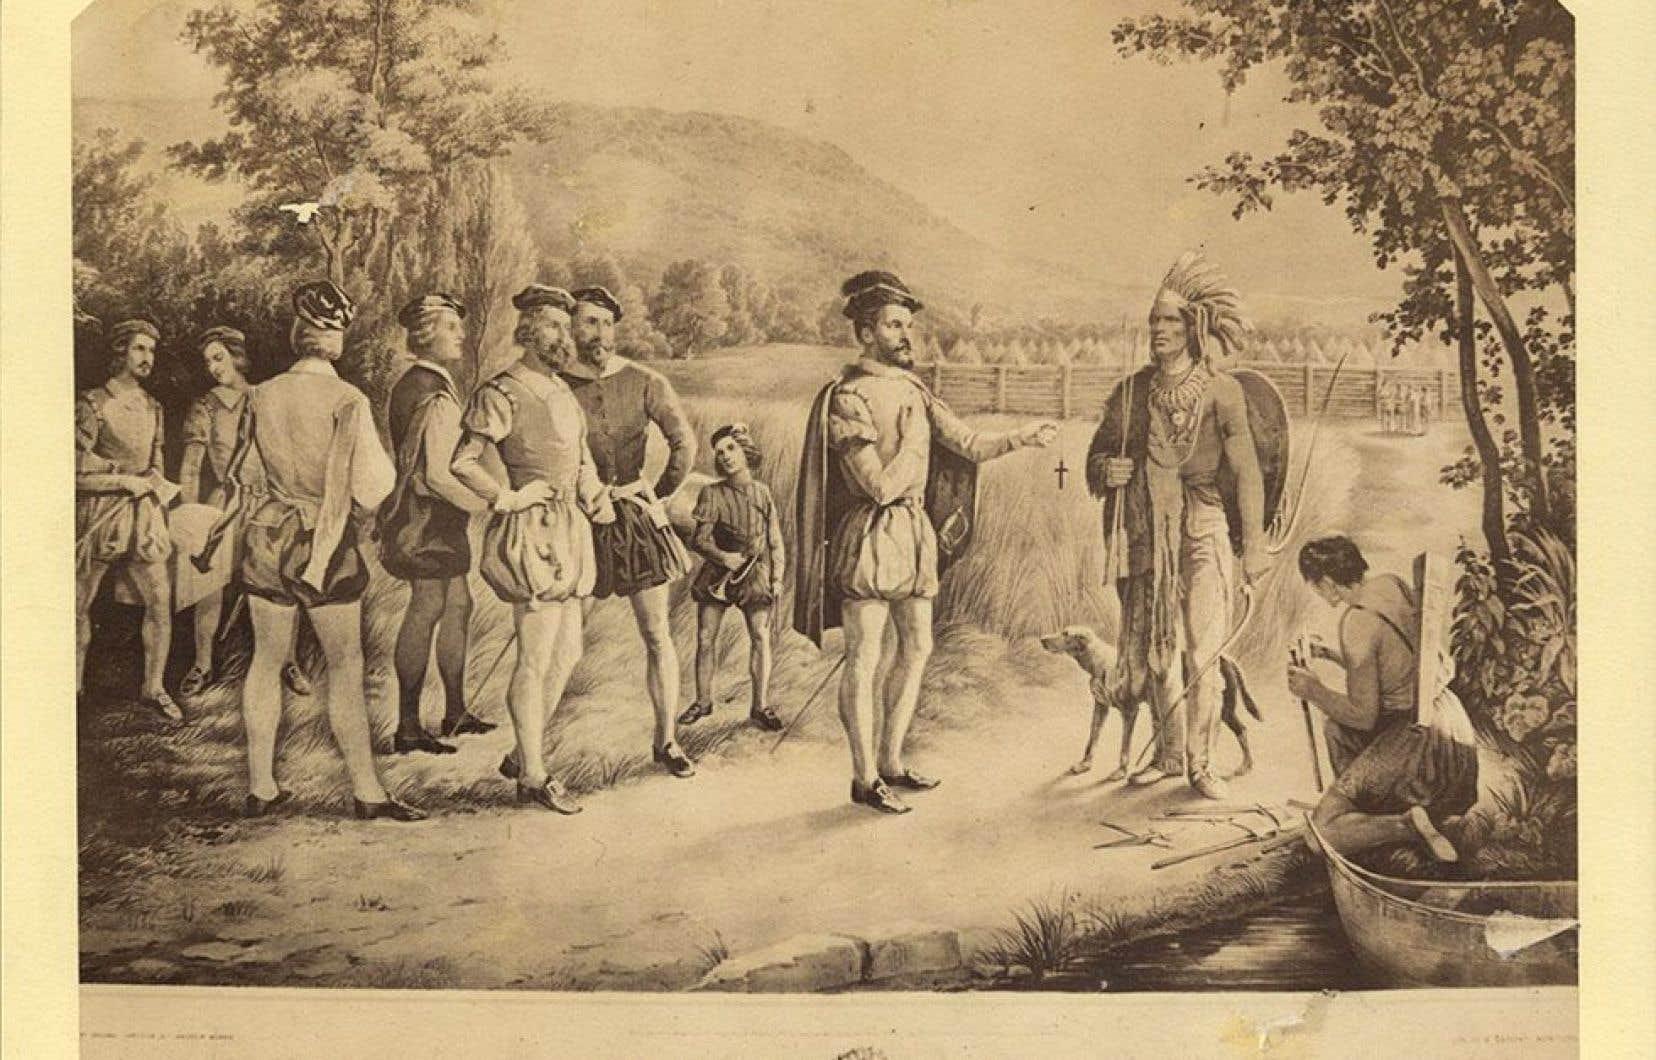 Depuis le début, les Français ont été forcés d'avoir des liens forts avec les Amérindiens. Ci-dessus, une représentation de la rencontre de Jacques Cartier avec les autochtones d'Hochelaga en 1535.